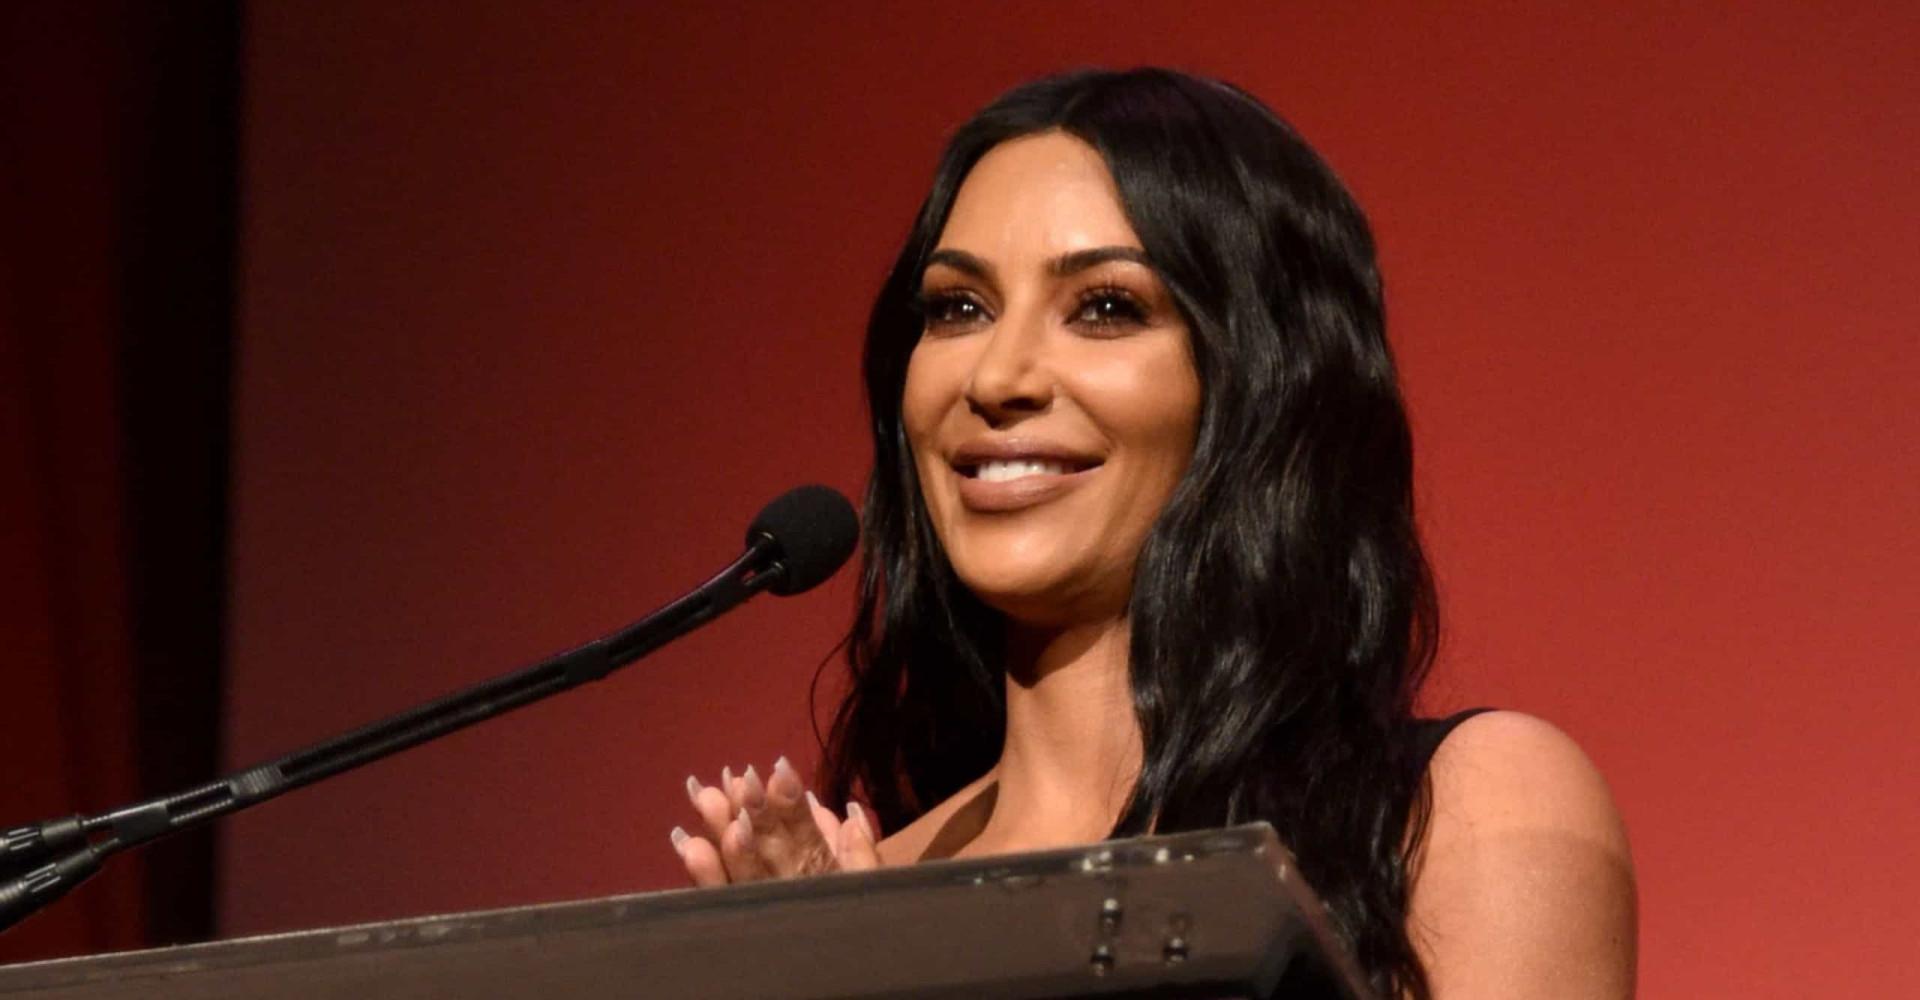 Kim Kardashian and other celebrity lawyers